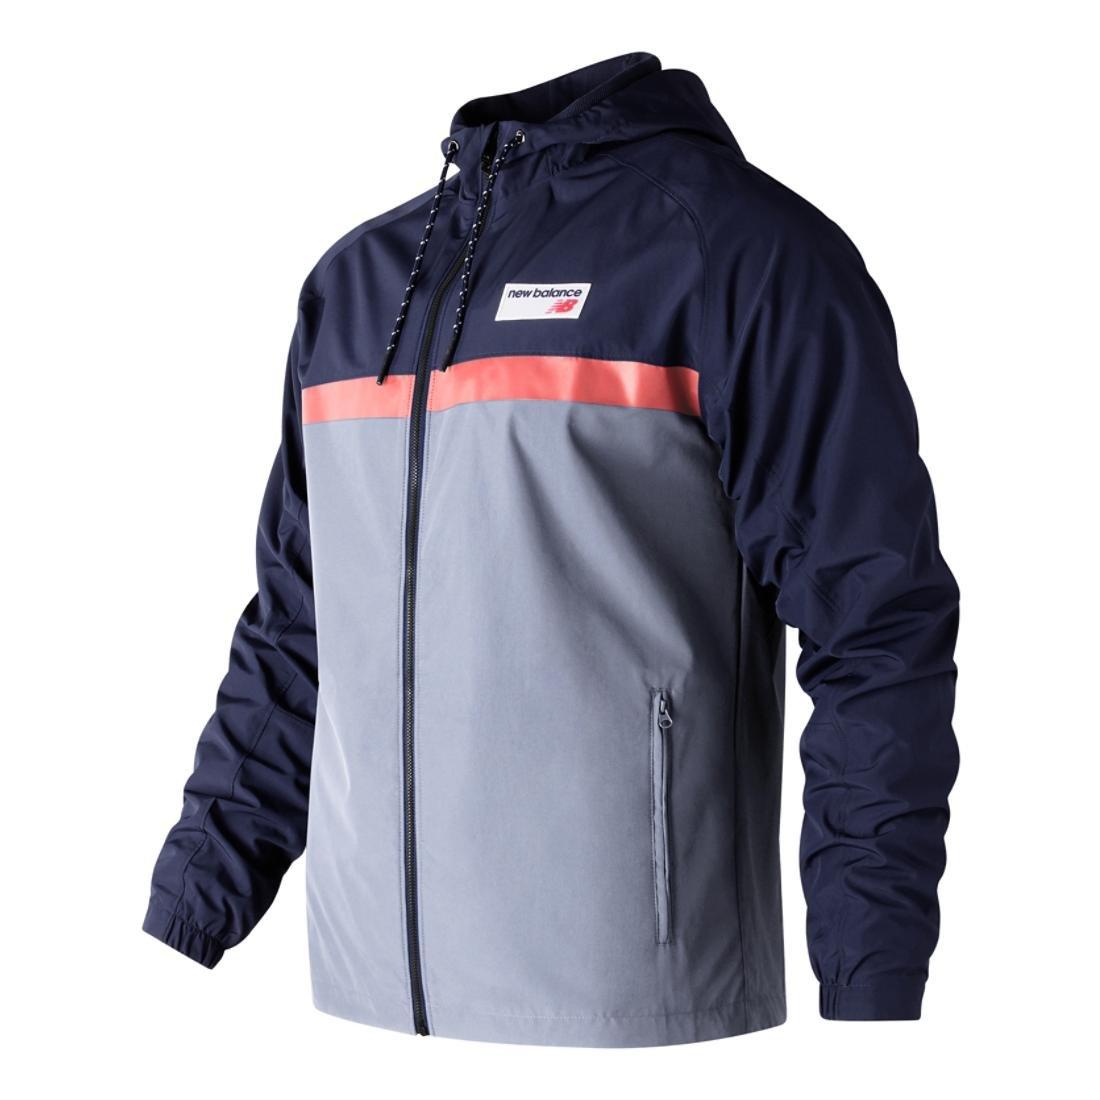 340156dc5 Amazon.com: New Balance Men's Athletics 78 Pocketed Reflective Jacket:  Clothing